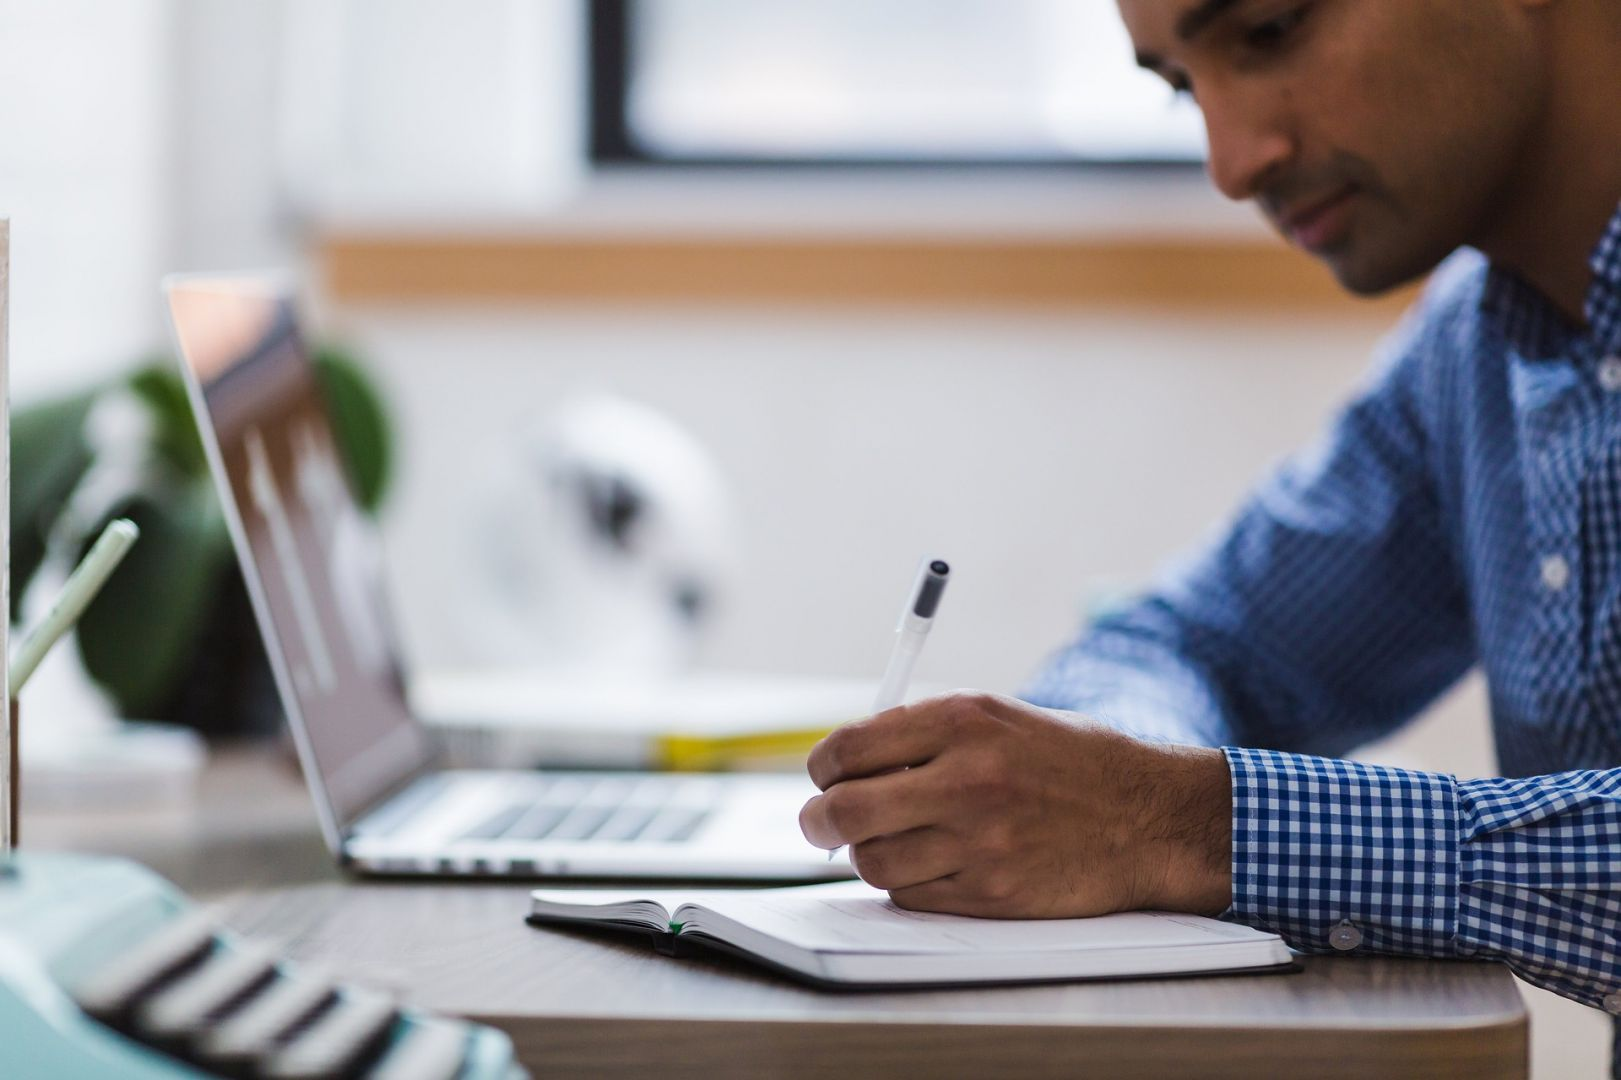 E-learning : Coursera lance 7 nouveaux moocs pour les professionnels sur sa plateforme